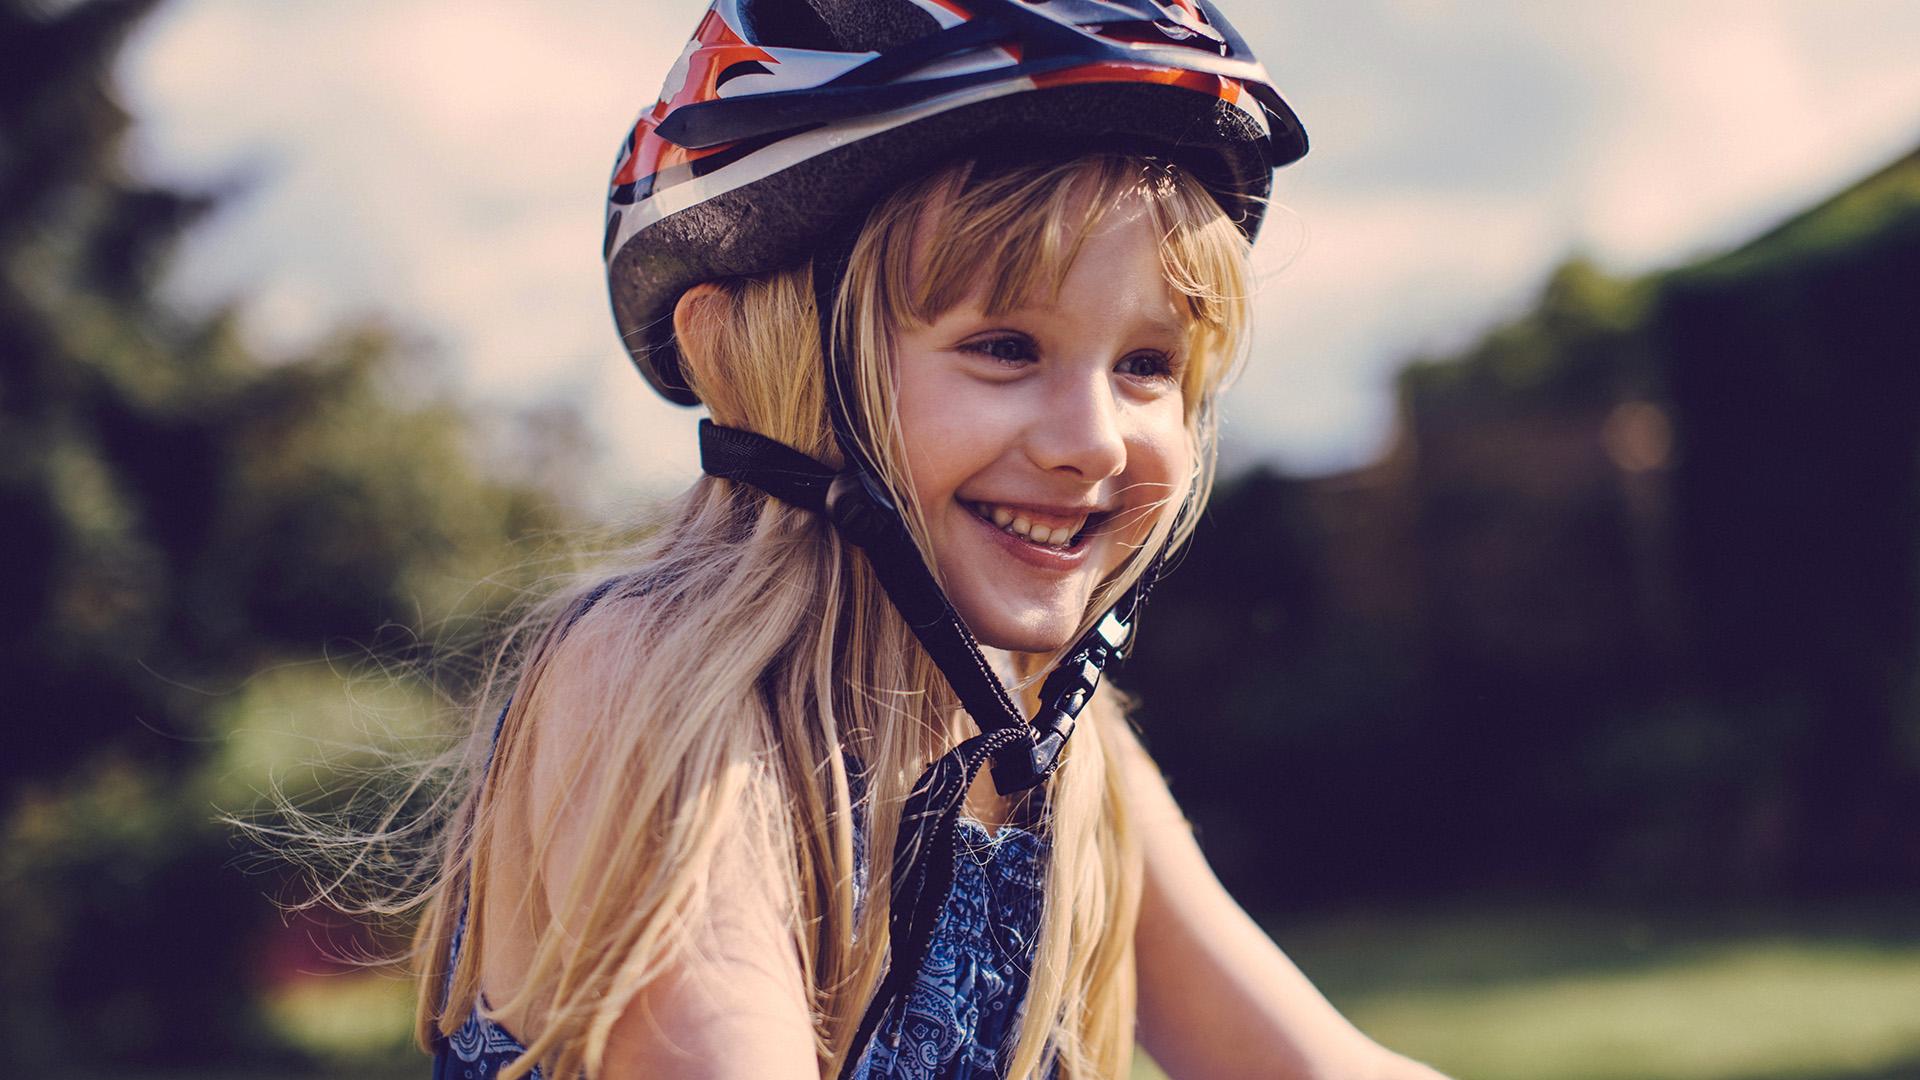 Biciklis kislány